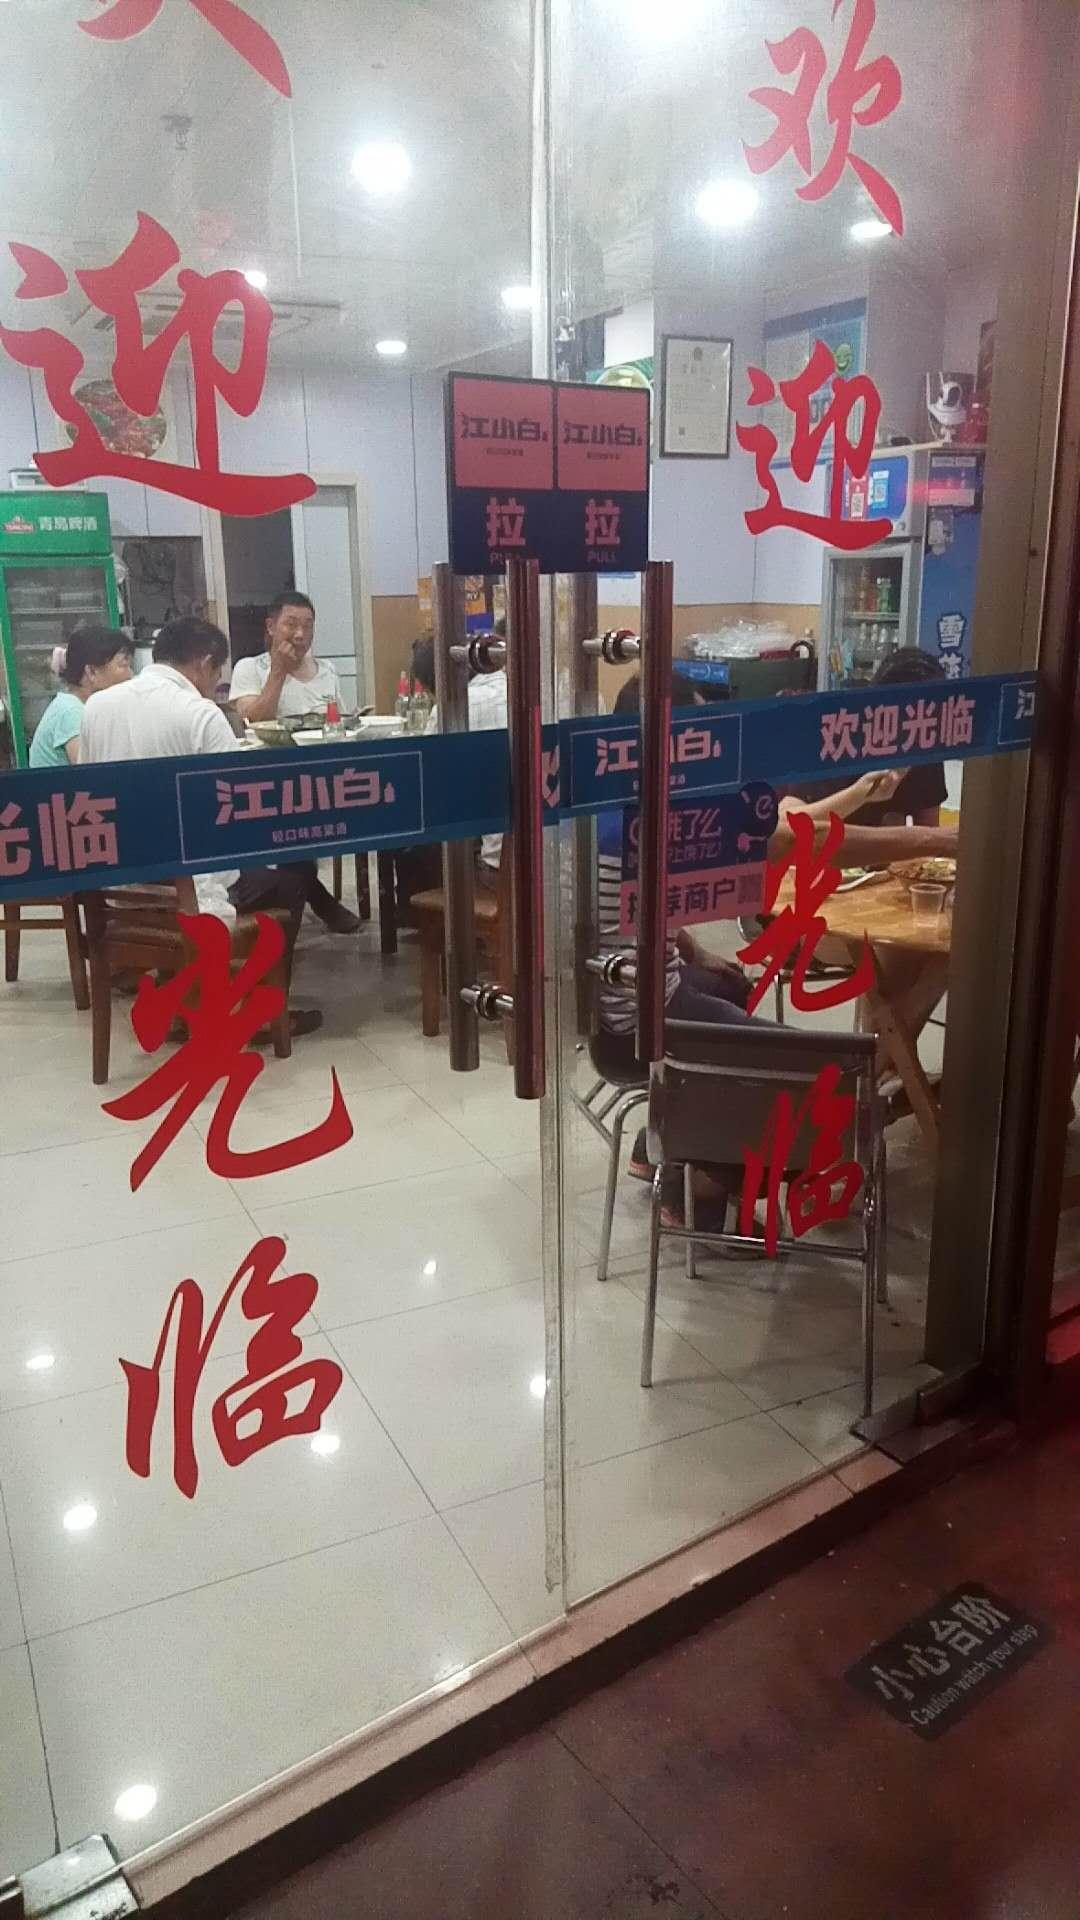 房东直租无进场费 展示面4米门面出租 牛肉汤麻辣烫水饺